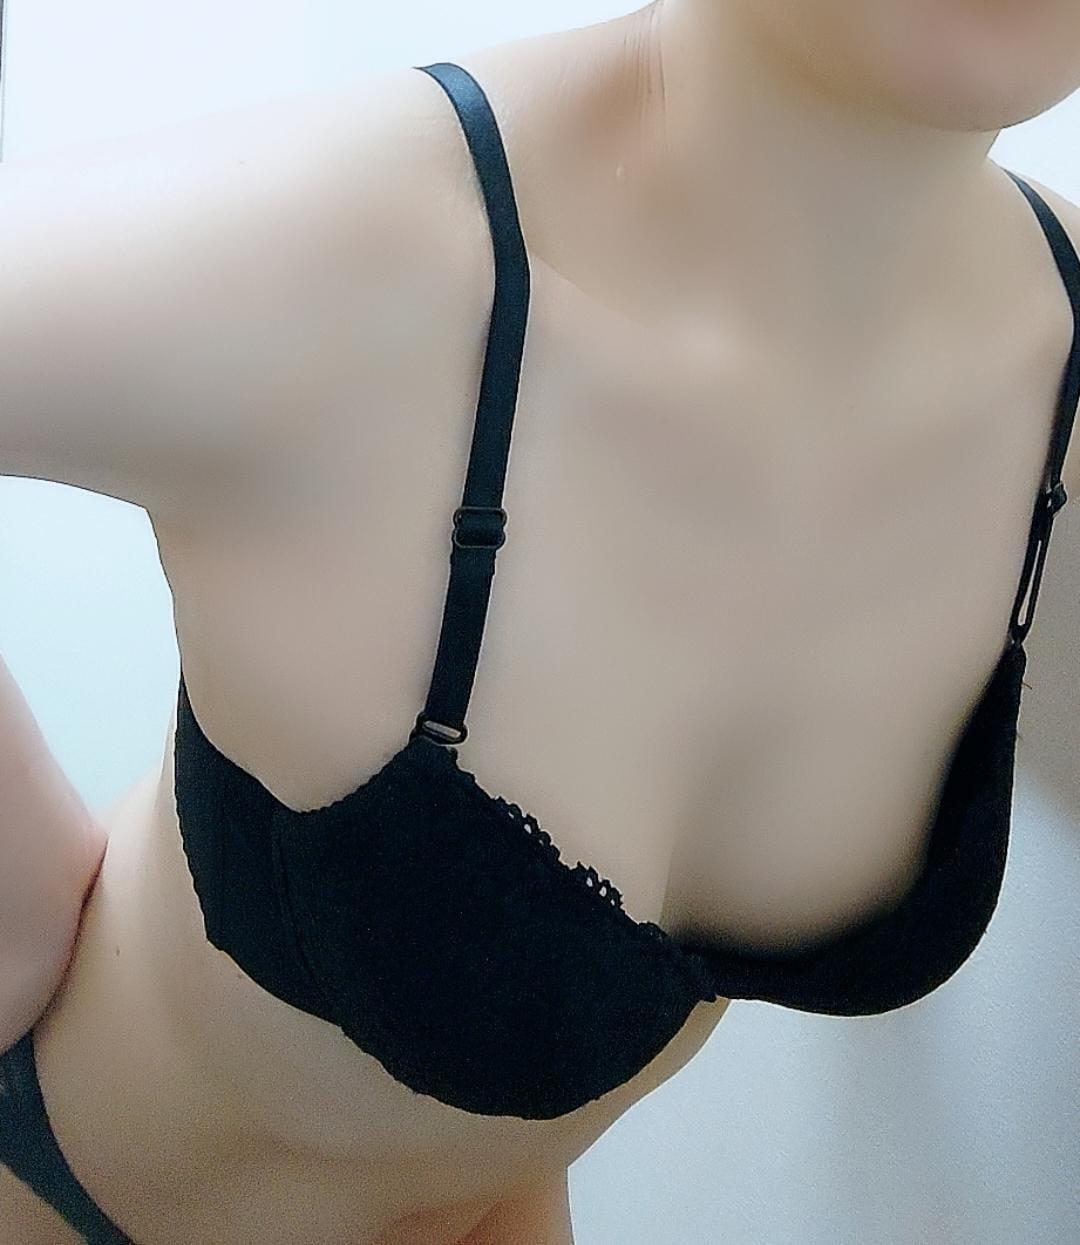 「片手に収まる温もりとは?✨」05/09(日) 17:59 | あゆかの写メ・風俗動画